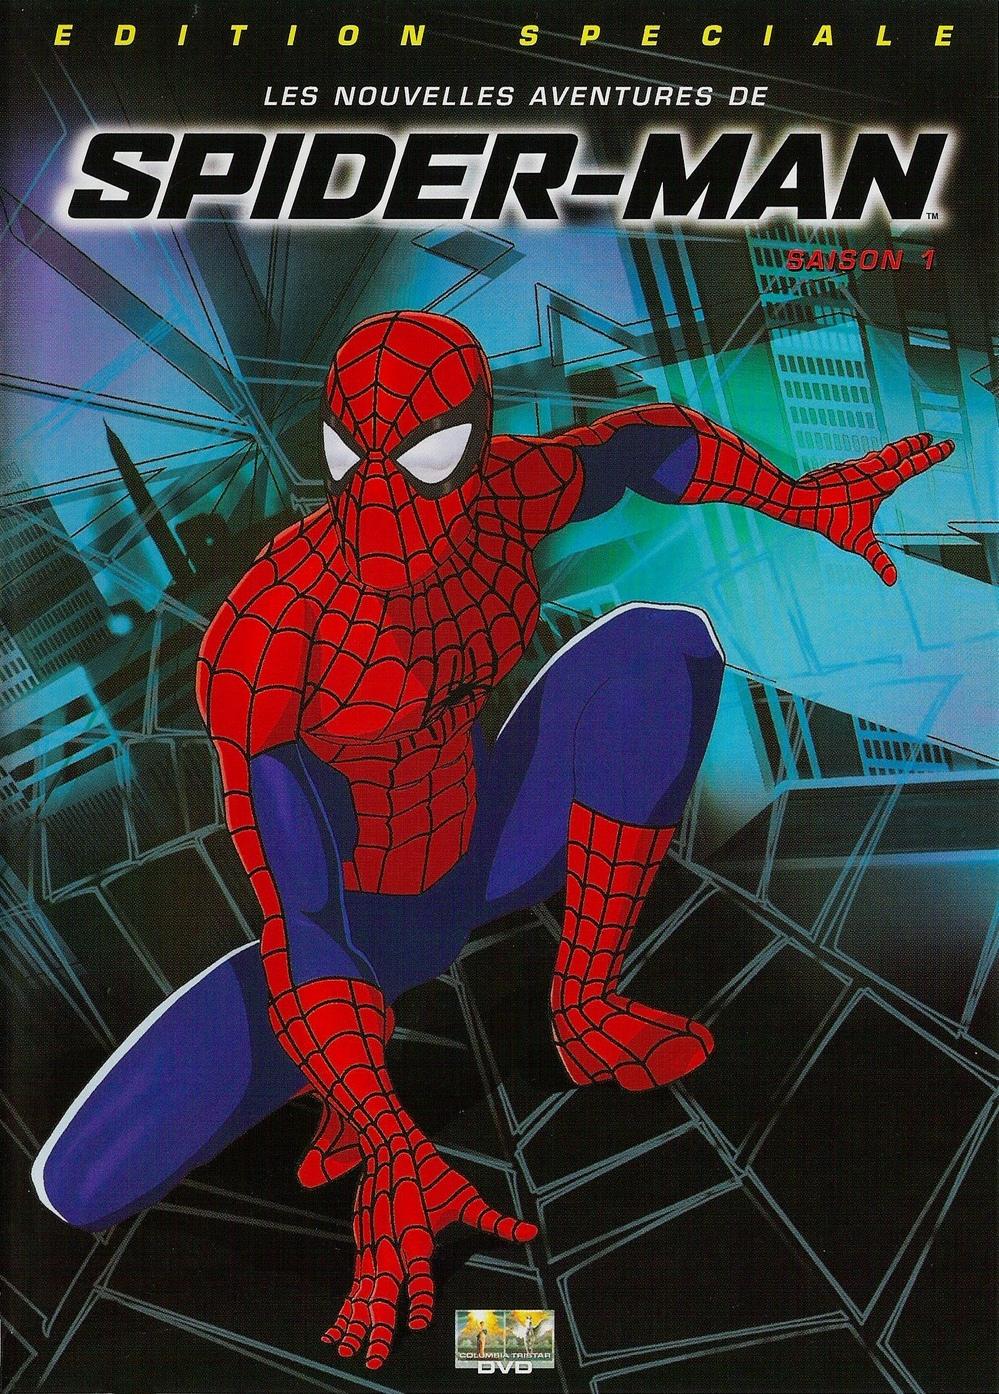 Человек паук мультик 7 фотография